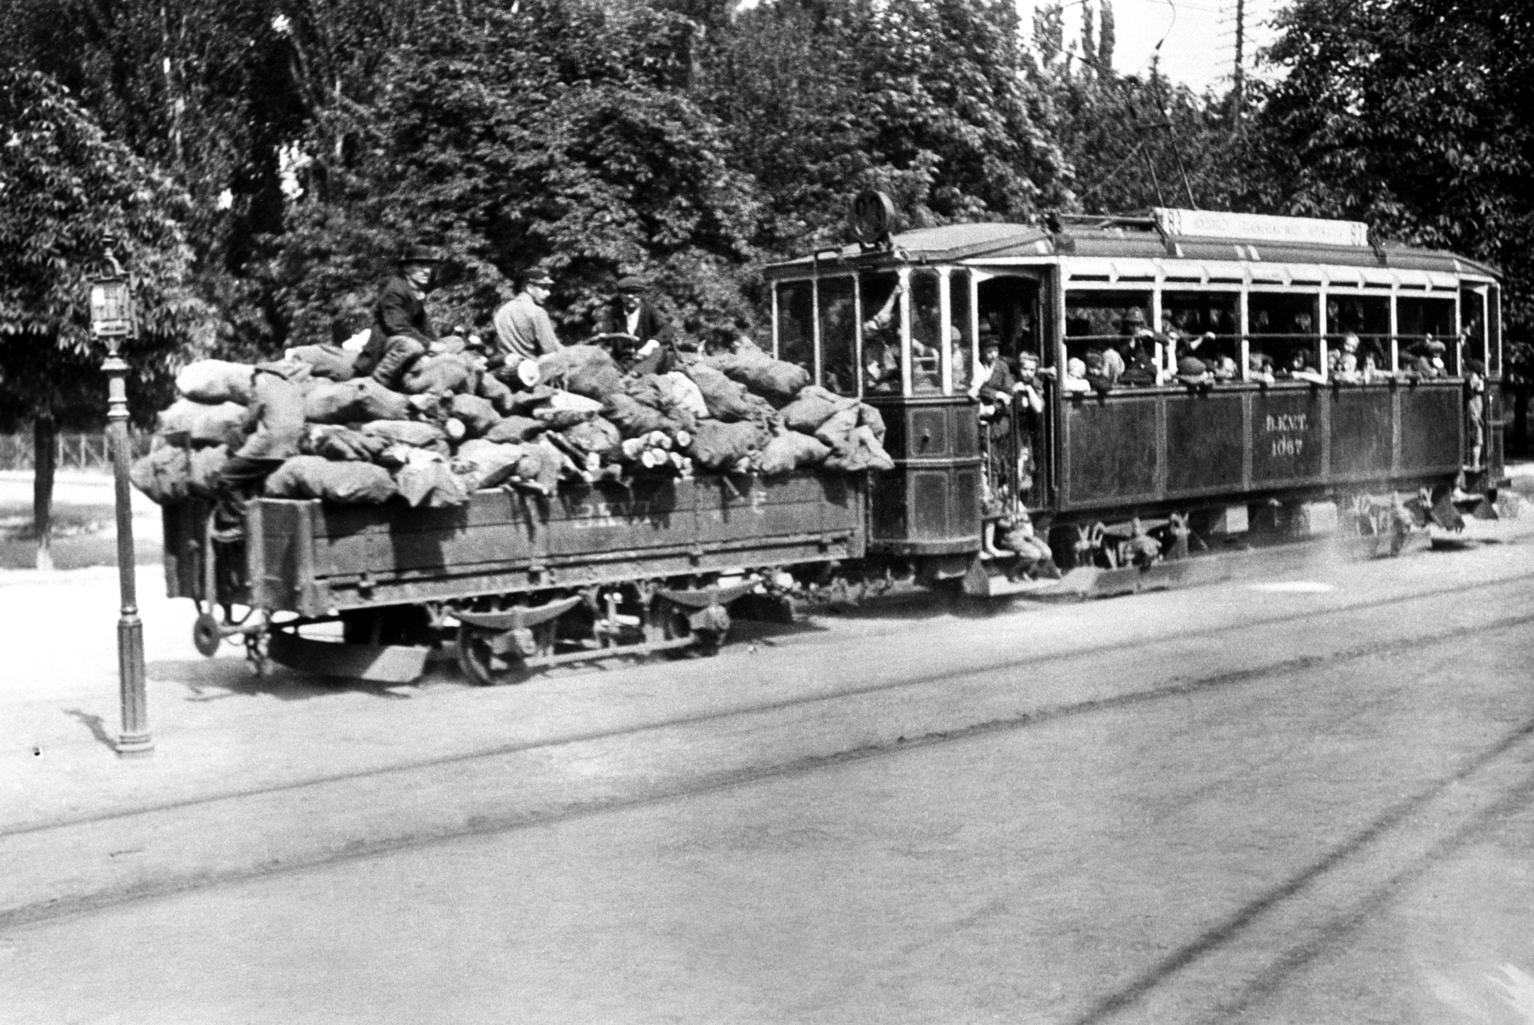 Budapest, 1918. Tüzelőnek szánt, zsákokba gyűjtött rőzsével megrakott teherkocsit vontat a Hűvösvölgyből közlekedő villamos a városba - a Kiscelli Múzeum gyűjteményéből származó felvétel reprodukciója. Az eredeti felvétel szerzője és a készítés pontos dátuma ismeretlen. MTI Fotó: Reprodukció